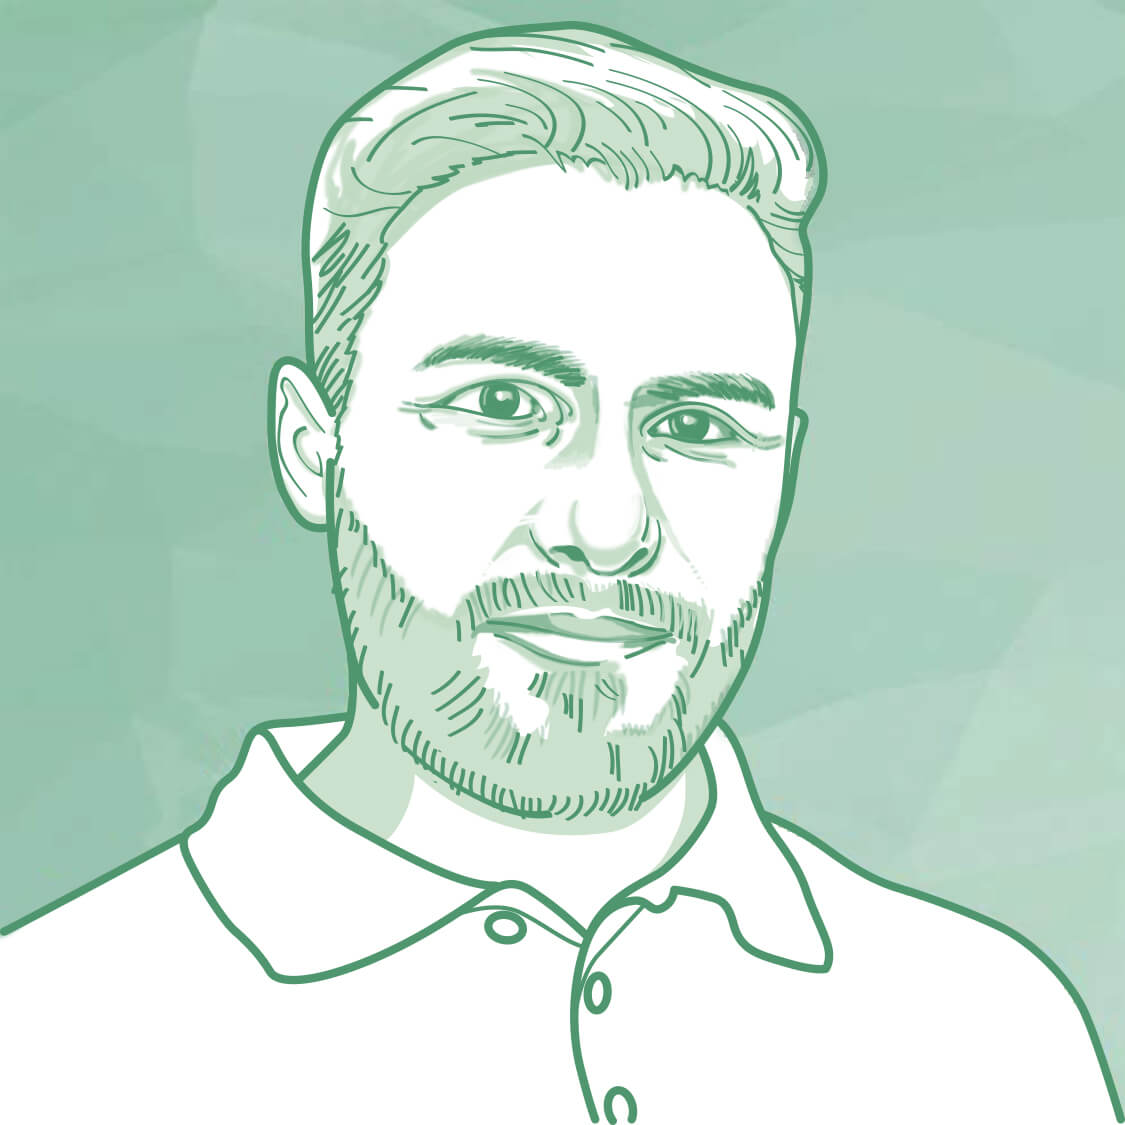 yahya-sakar_Zeichnung